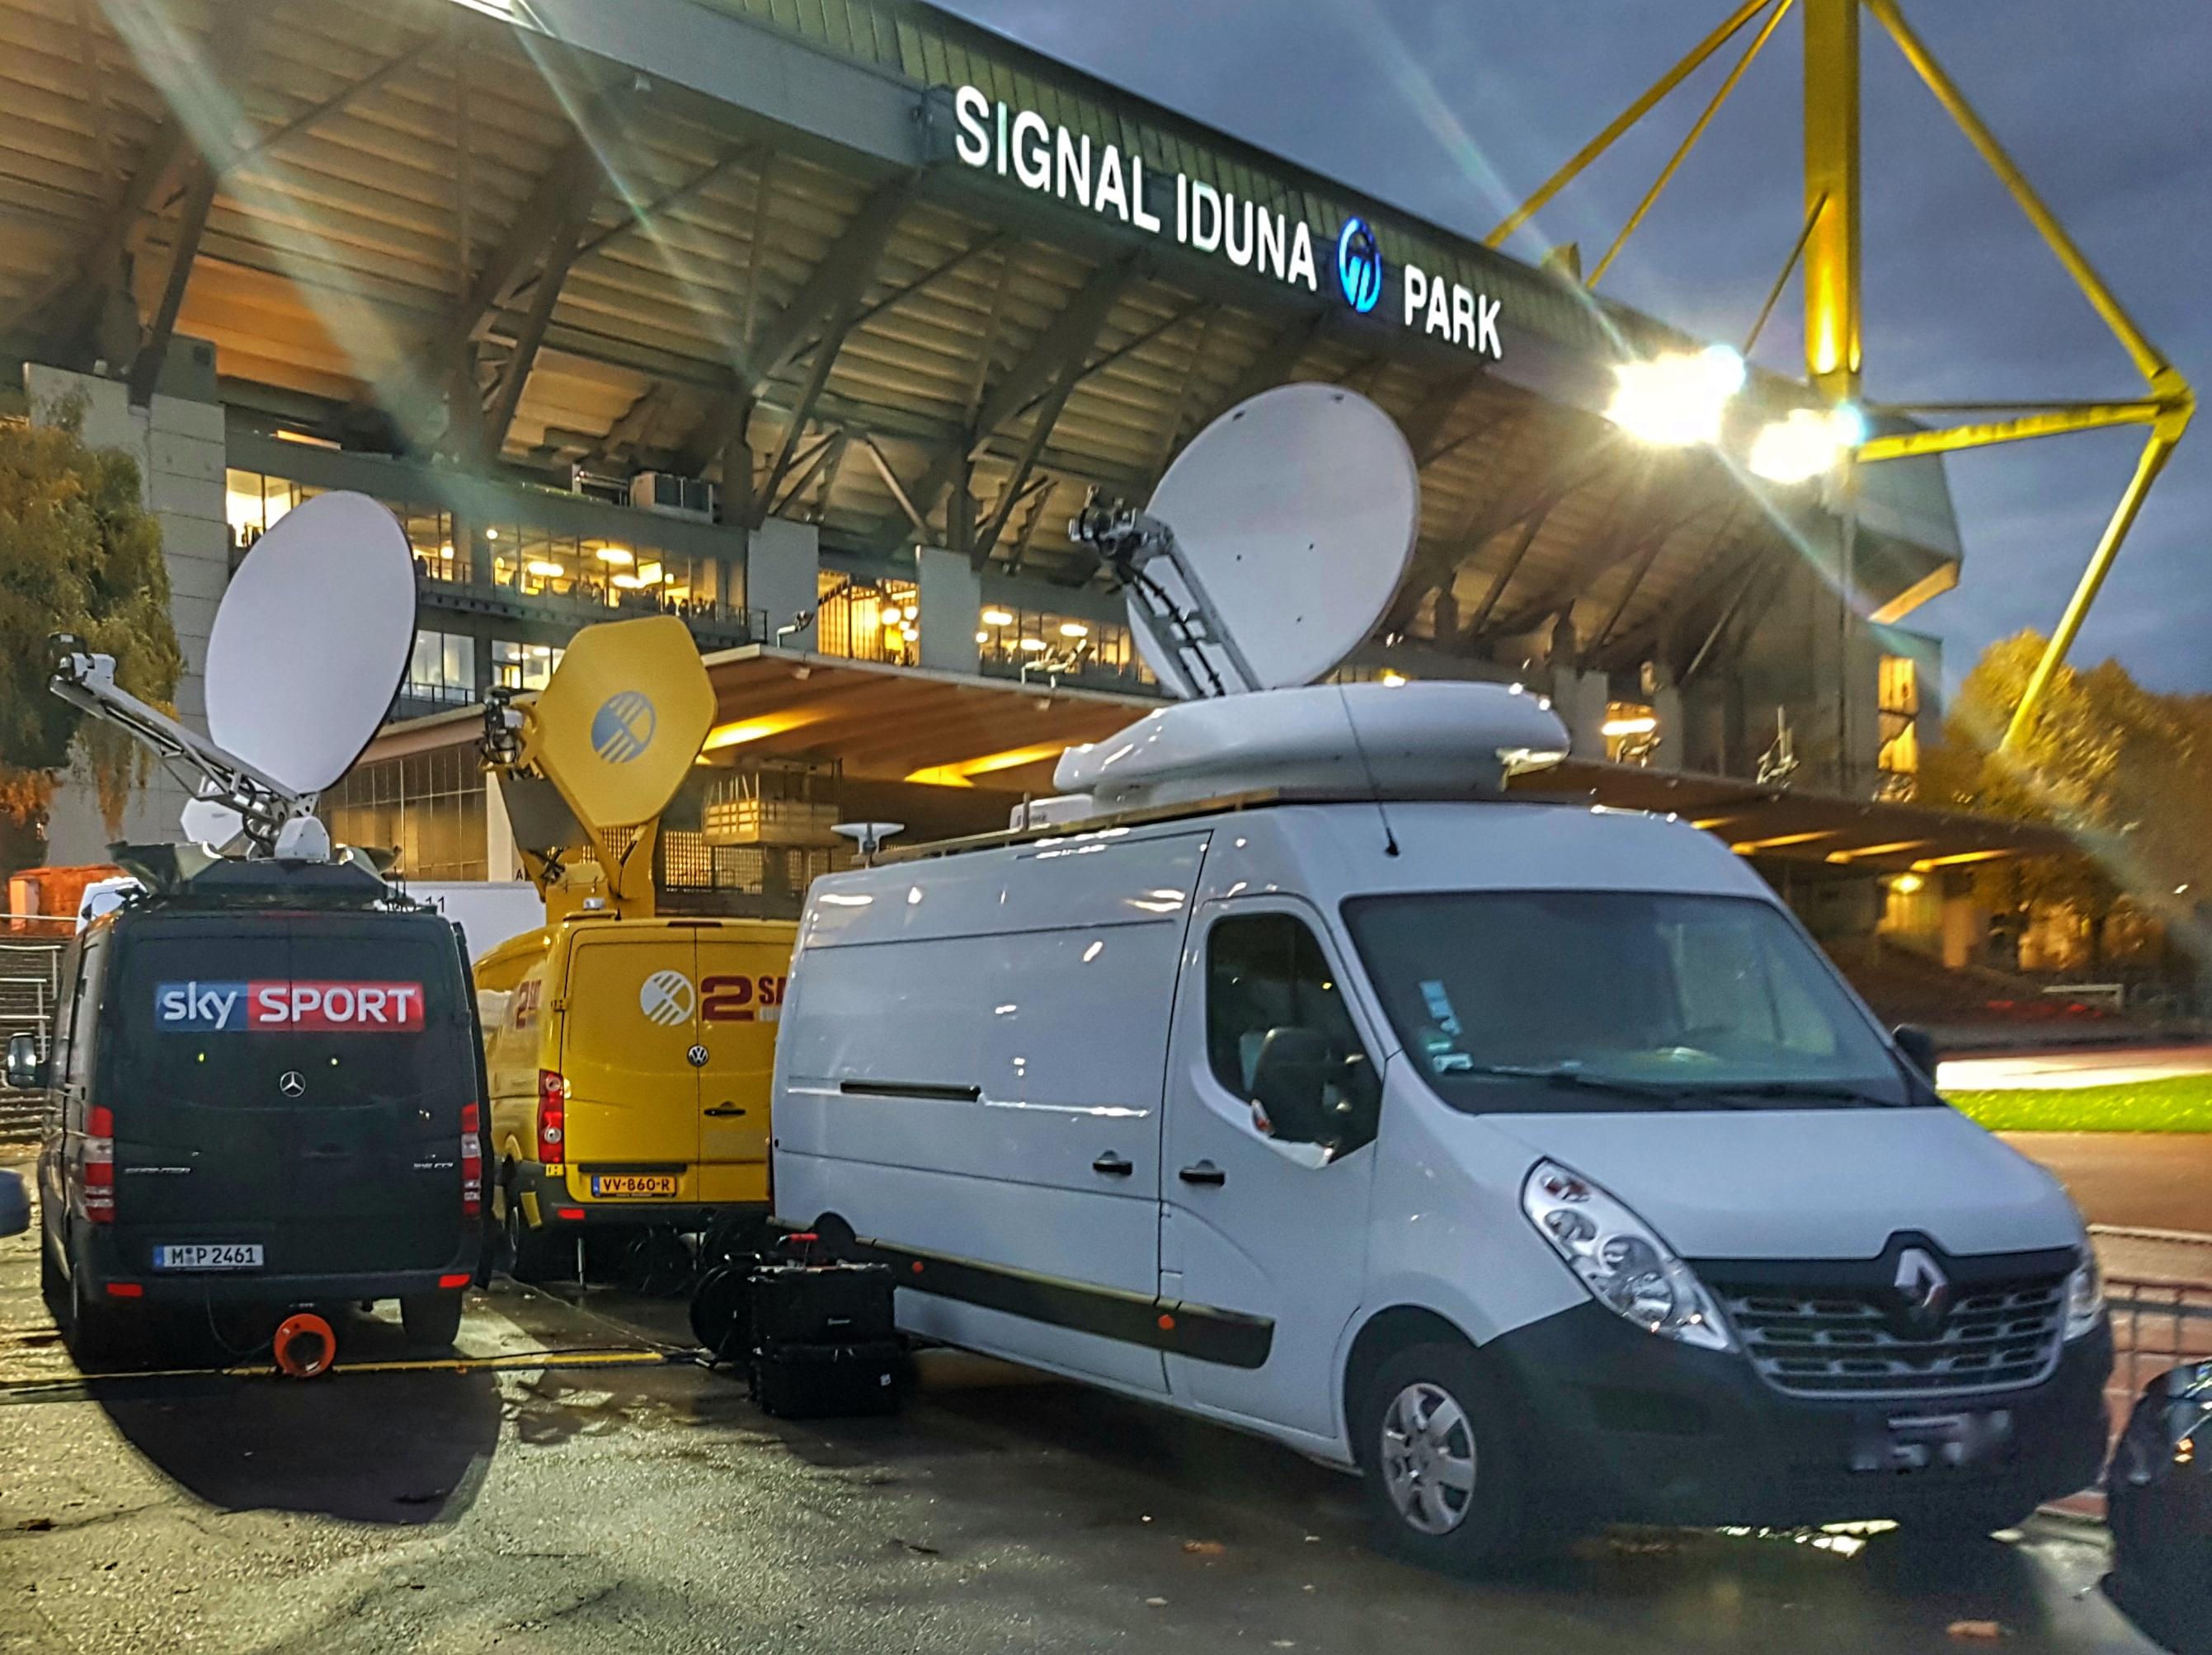 Bundesliga, Signal Iduna Park, Germany